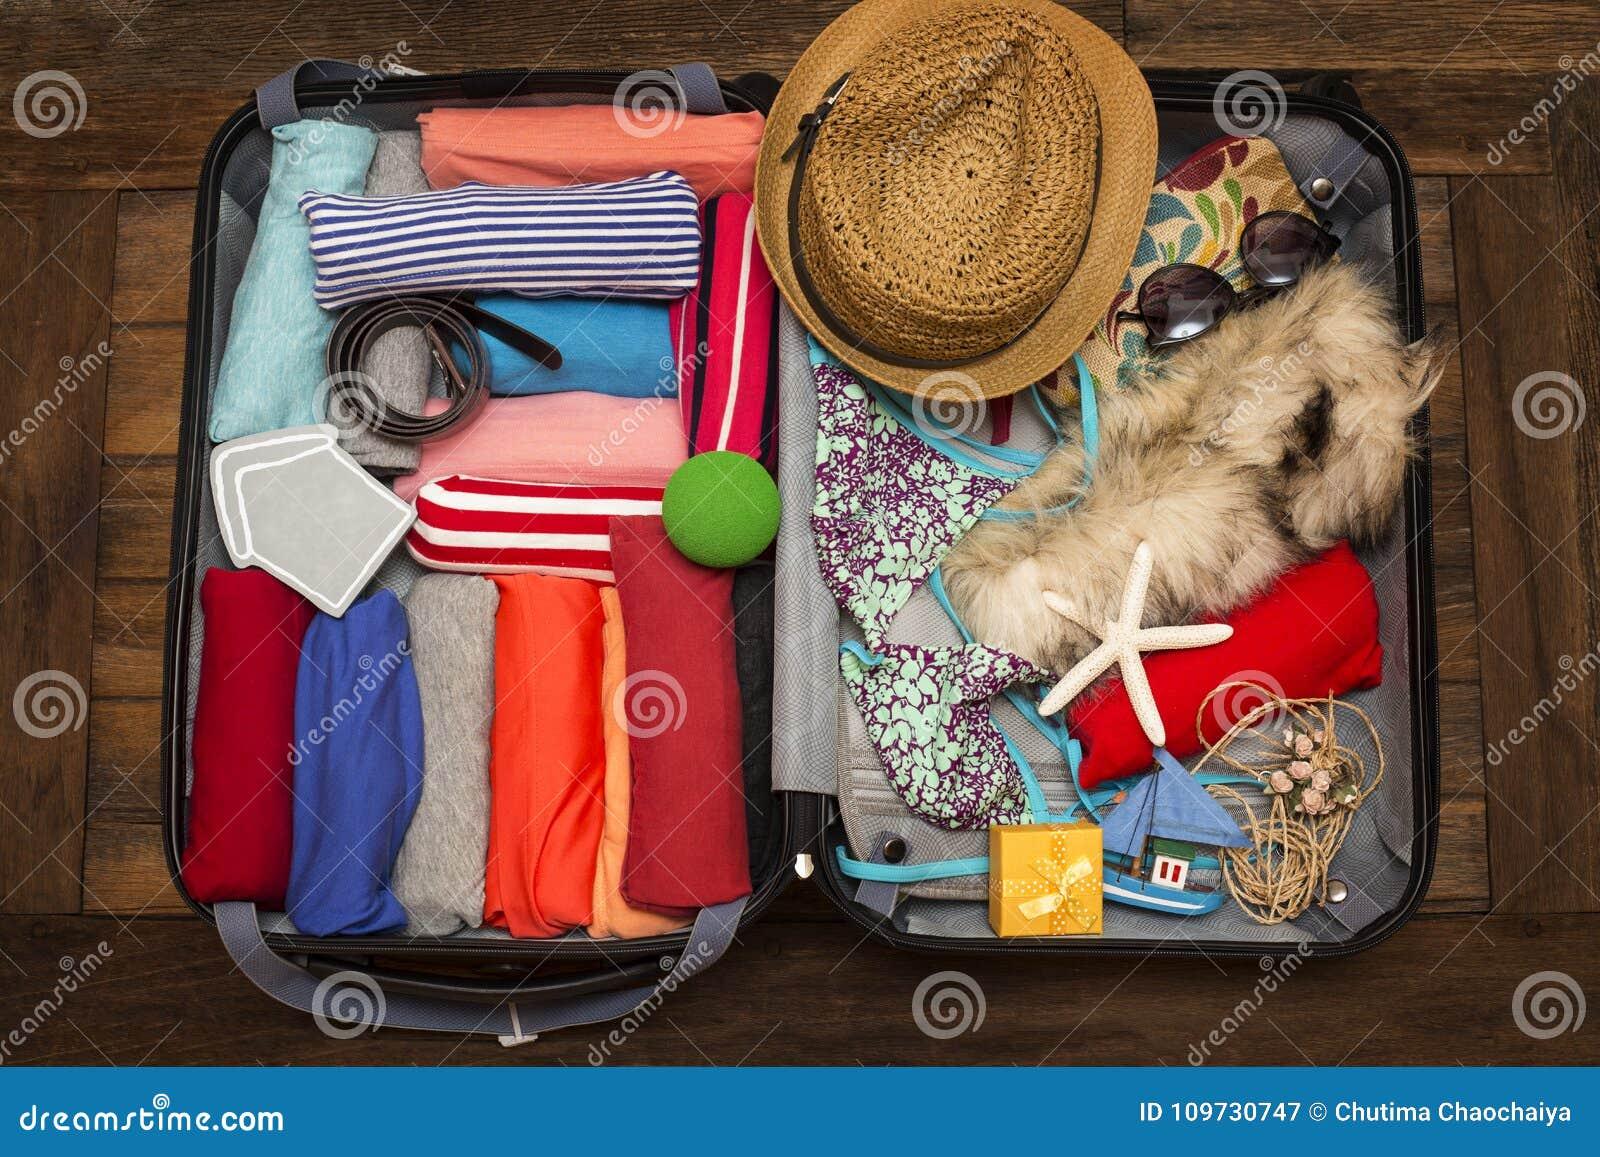 Συσκευάζοντας αποσκευές για ένα νέο ταξίδι και το ταξίδι για έναν μακρύ